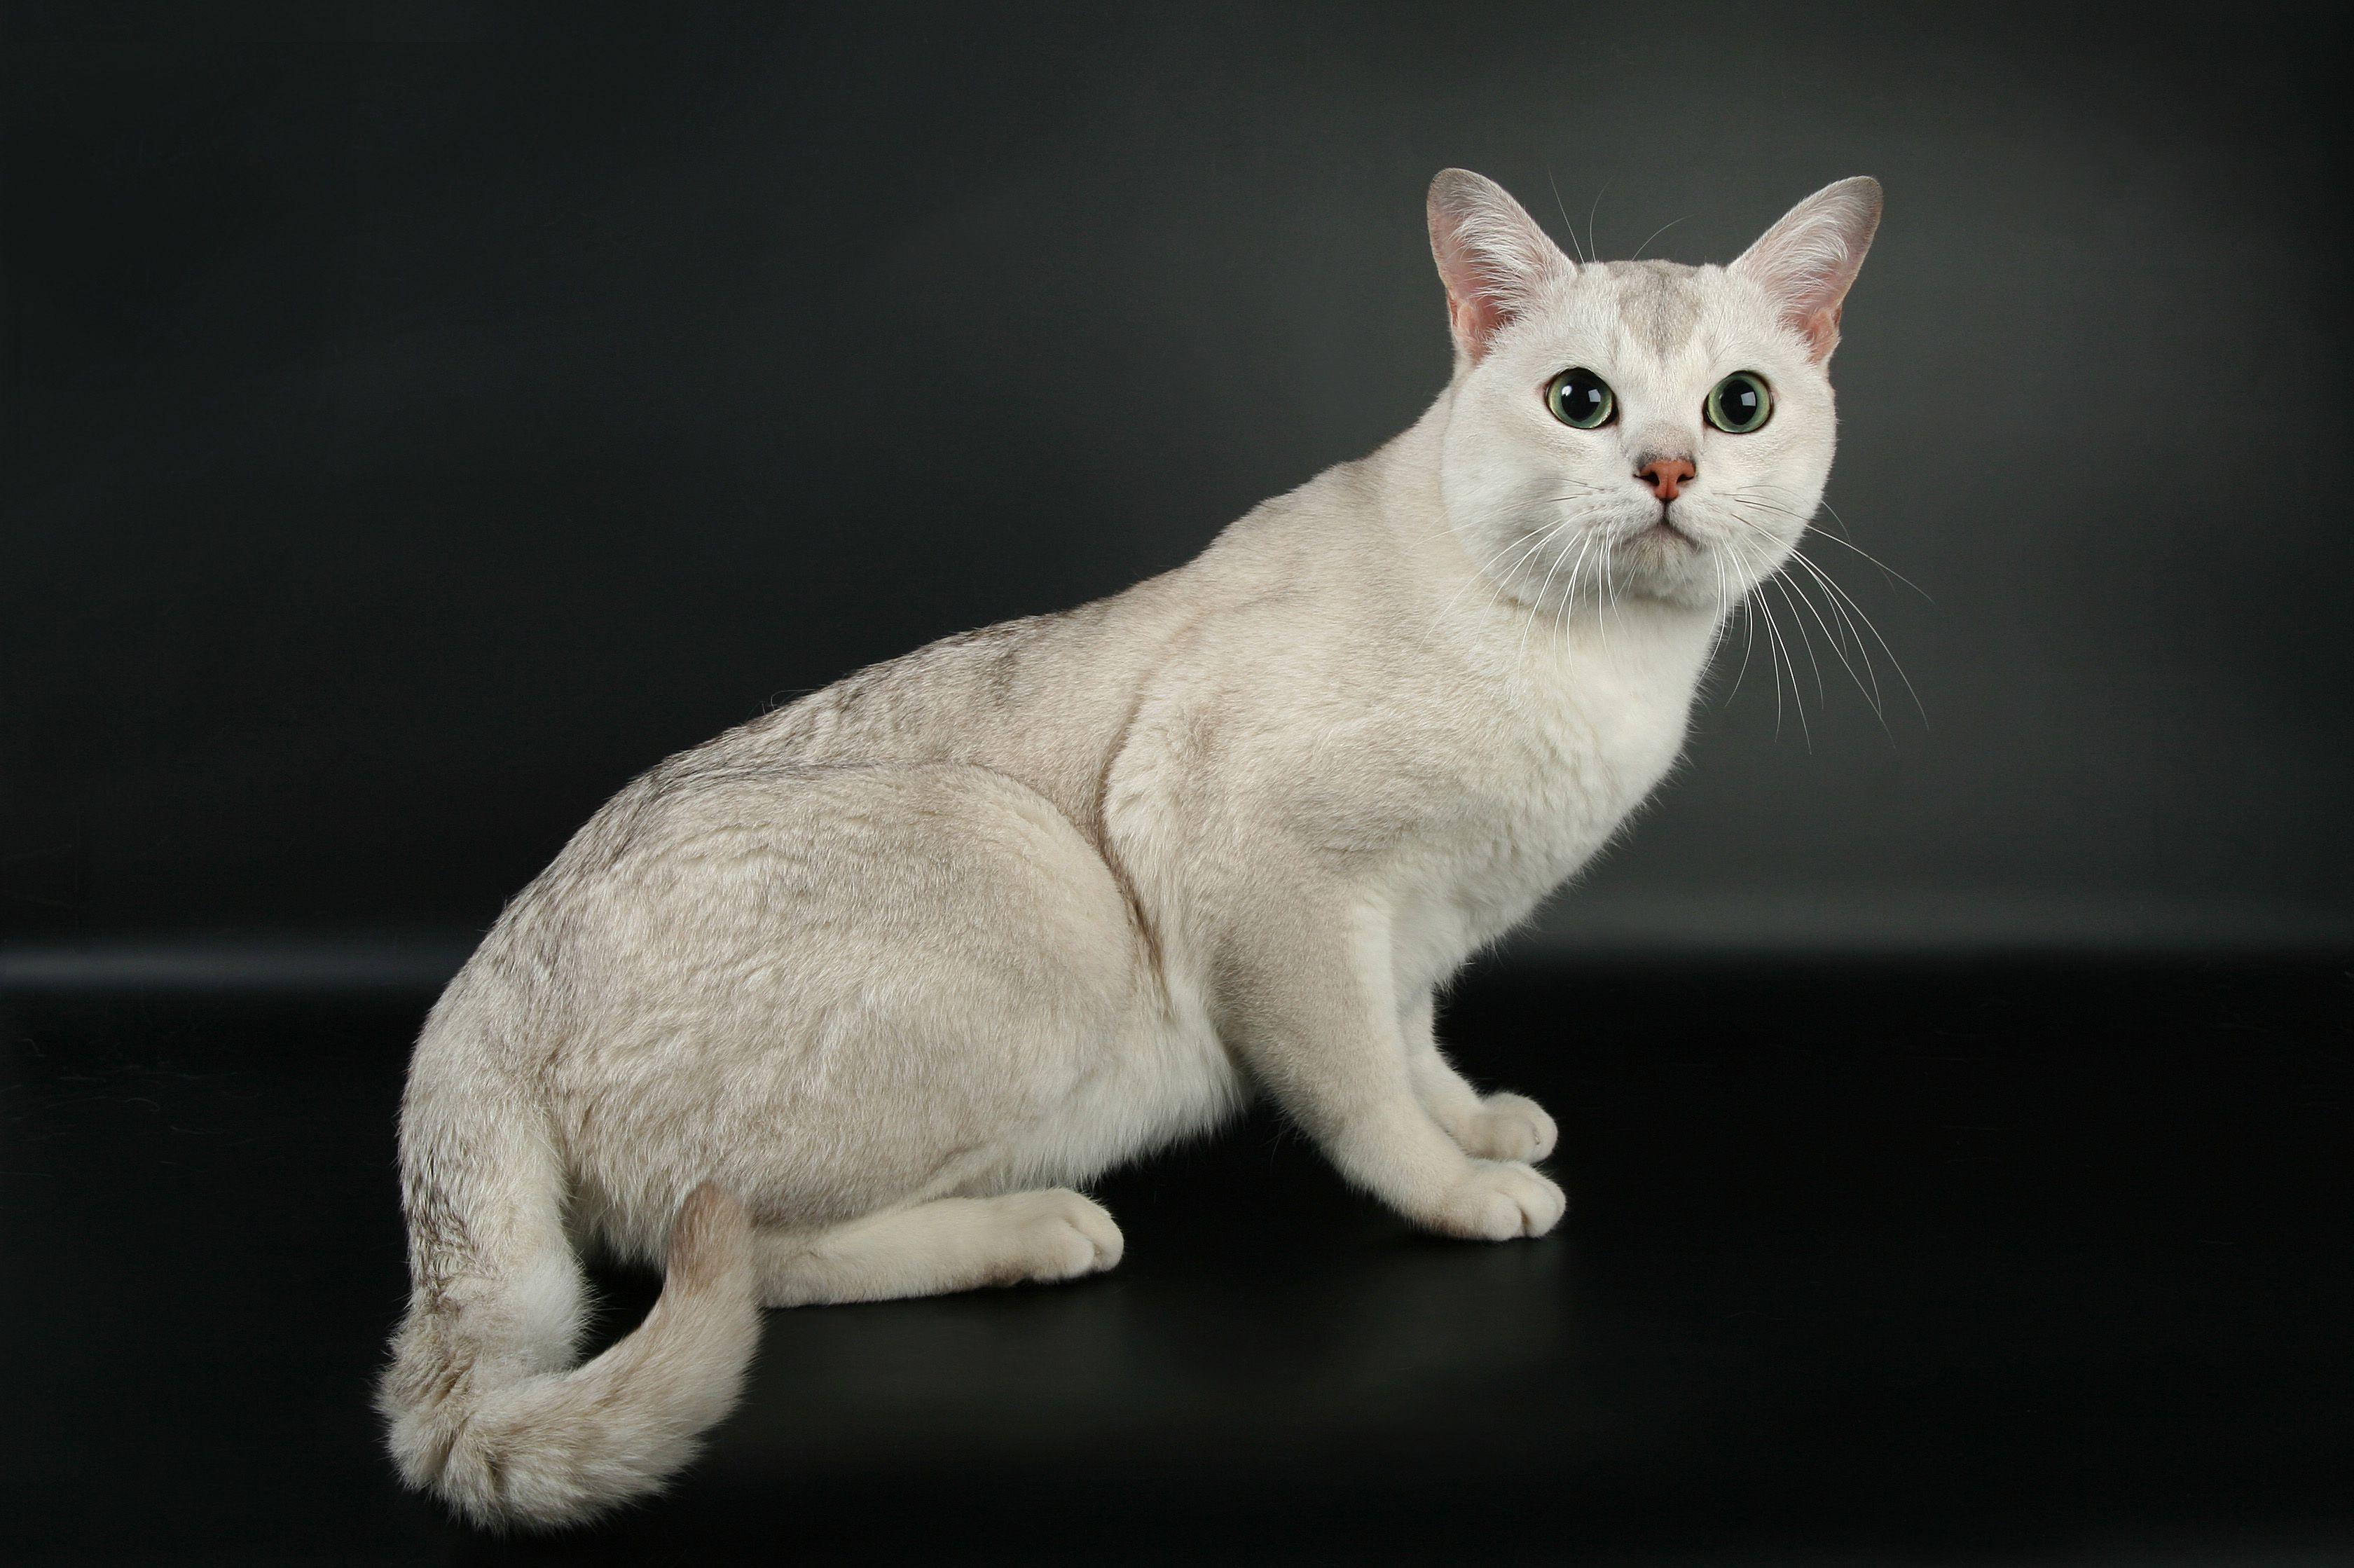 порода кошек бурмилла короткошерстная картинки это умение приобретается